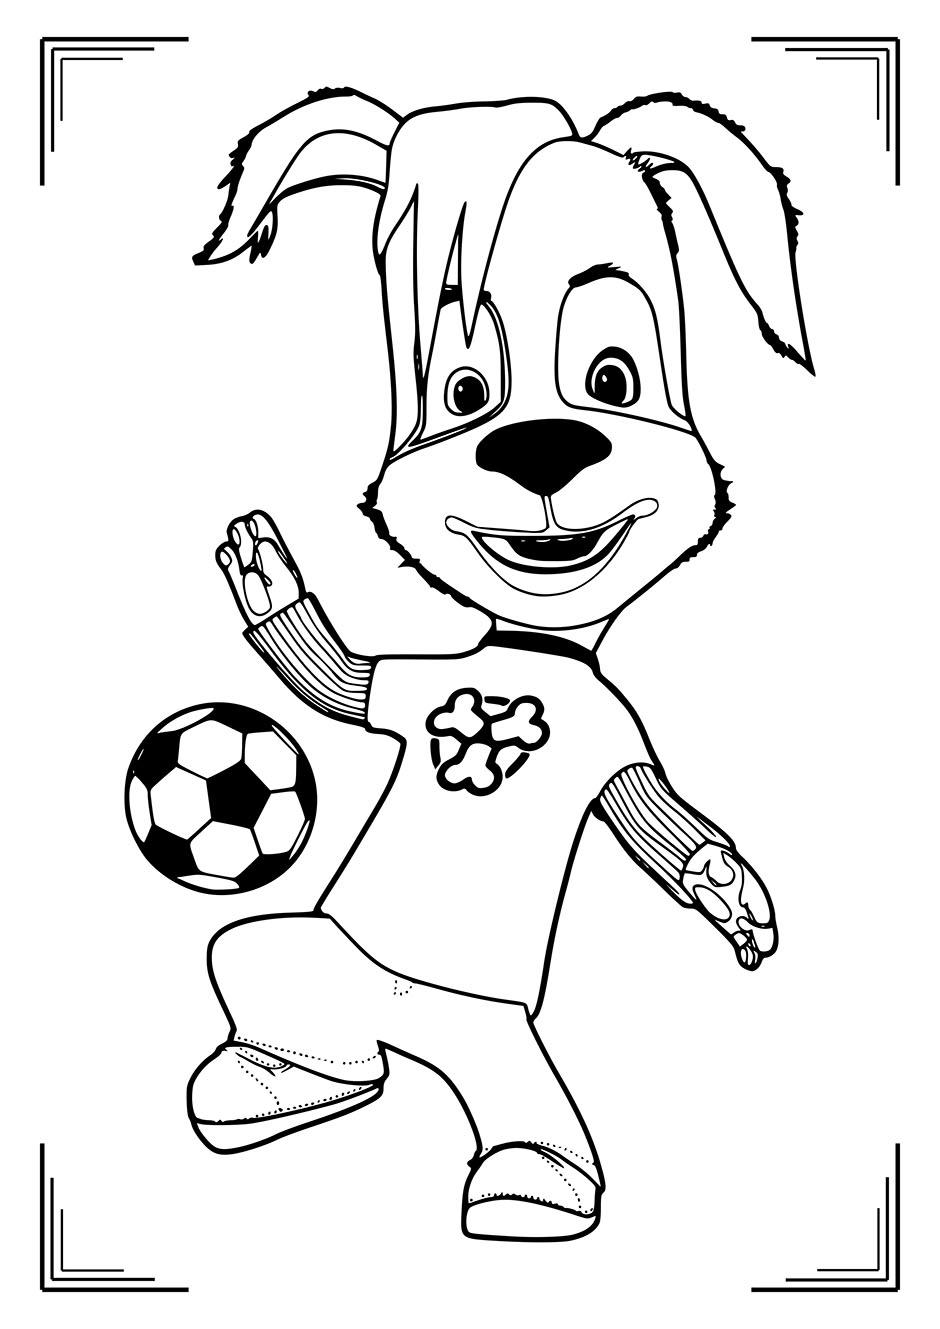 Раскраска: Дружок играет с мячом — raskraski-a4.ru